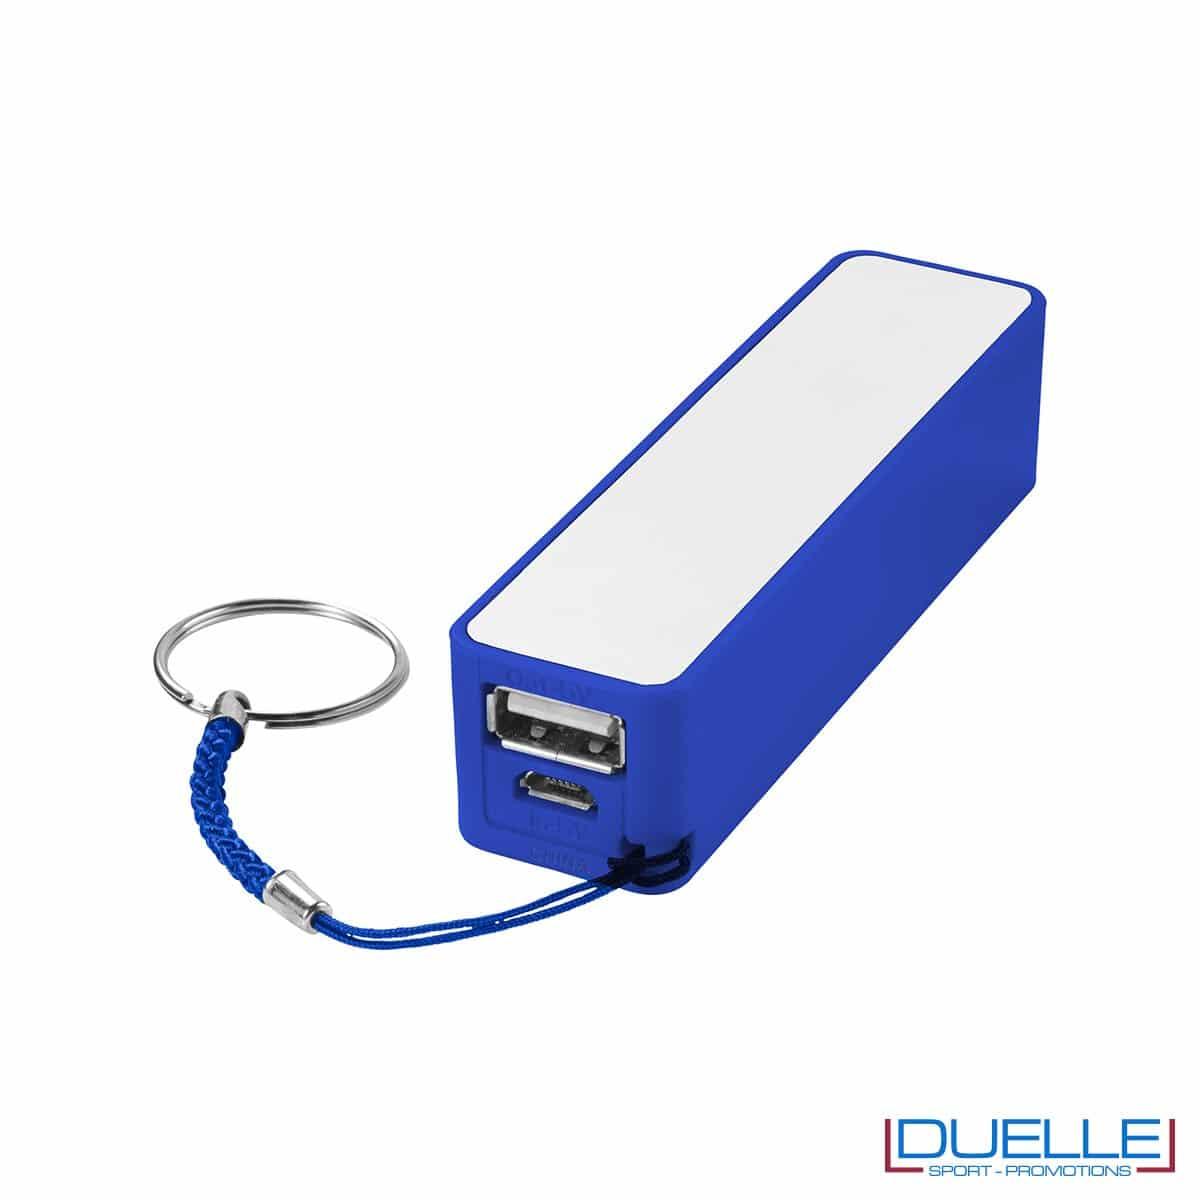 powerbank personalizzato 2000 mAh in colore azzurro, powerbank per smartphone personalizzato